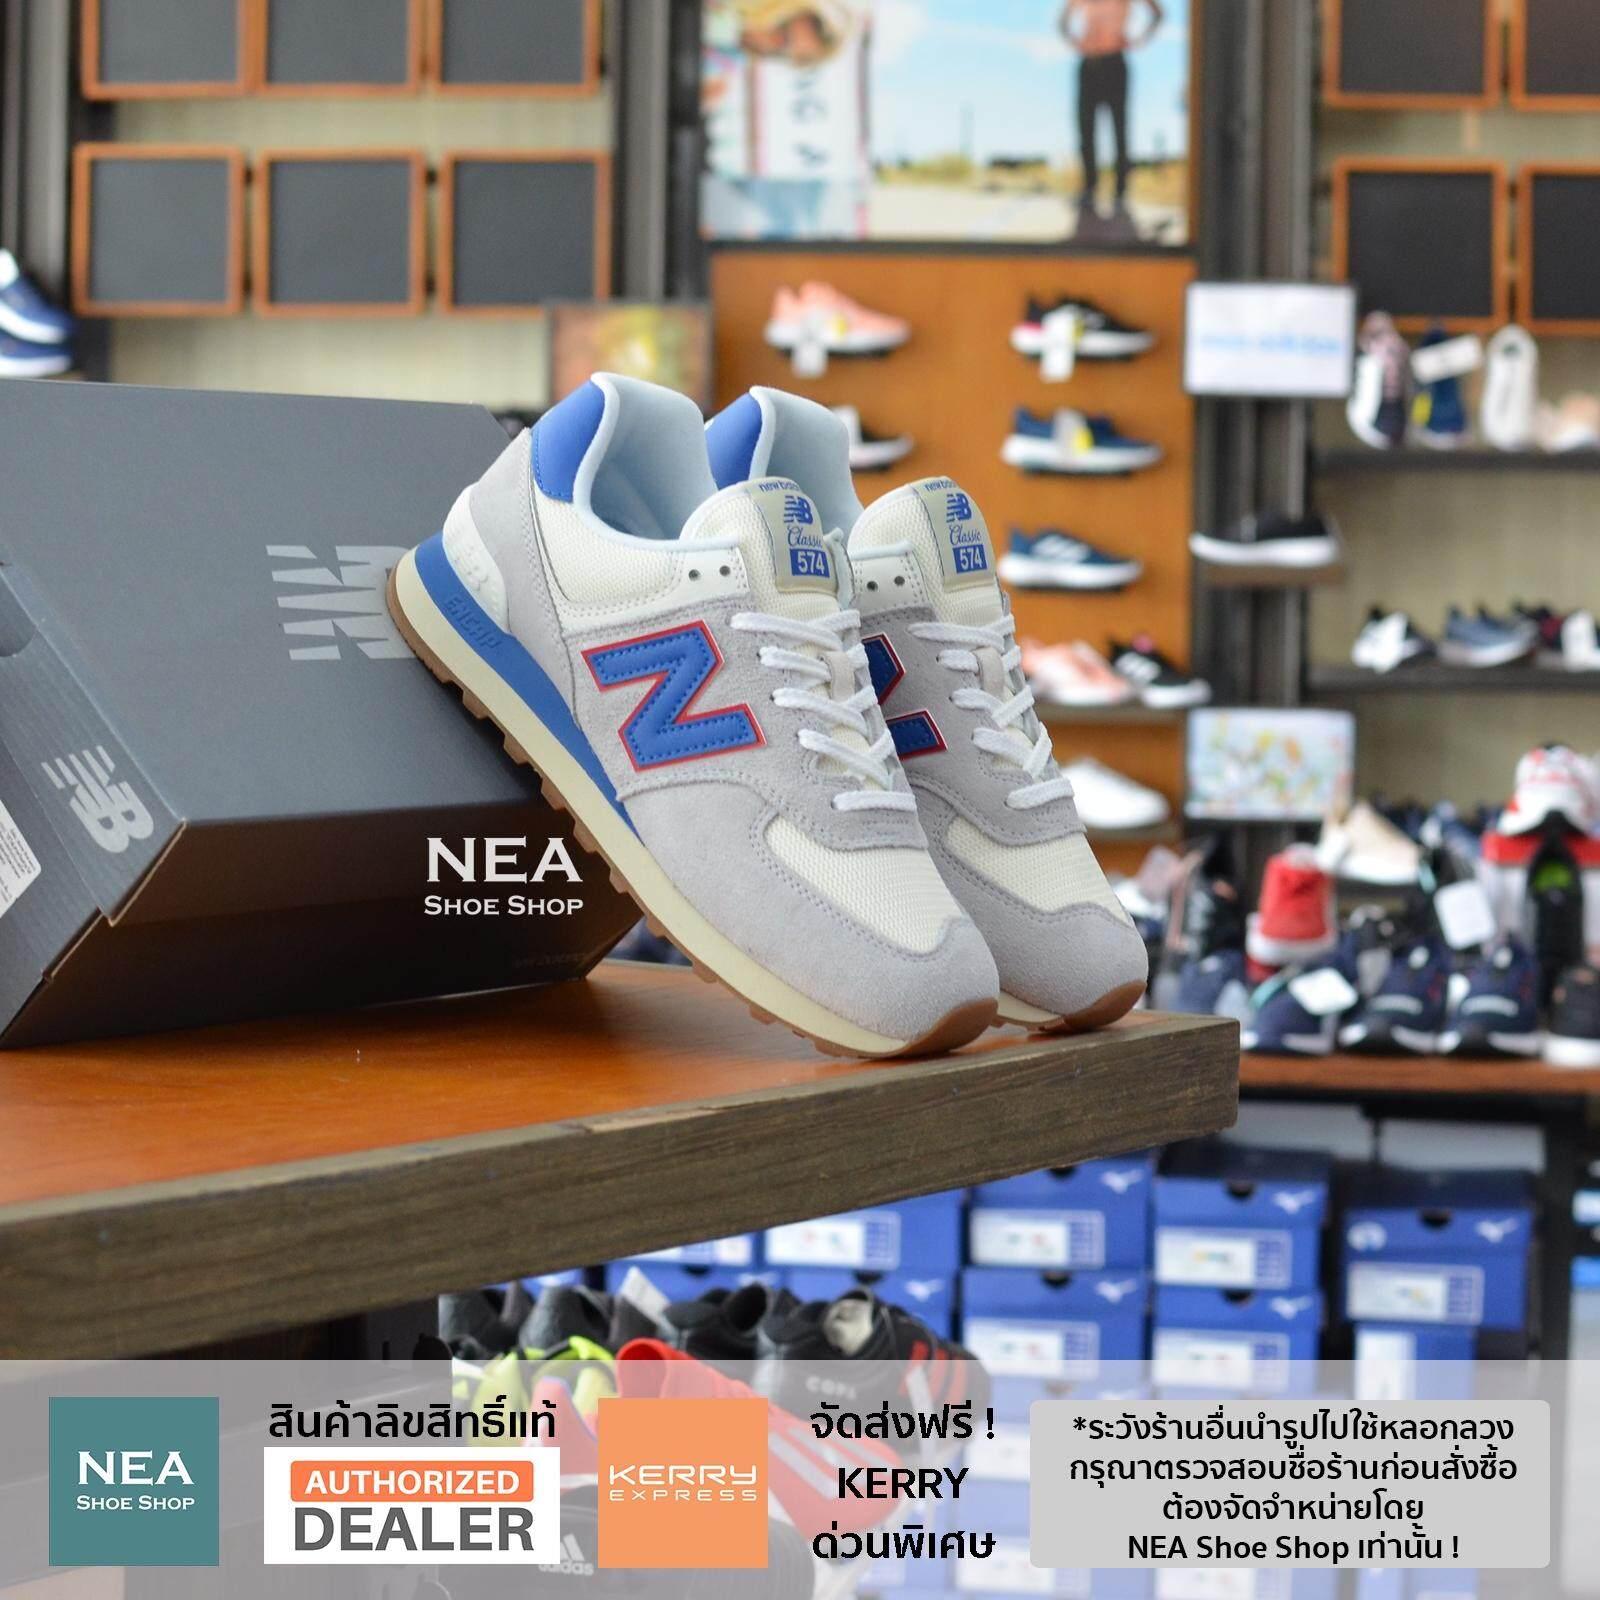 ขอนแก่น [ลิขสิทธิ์แท้] New Balance 574 Essentials Classic Light Grey/Navy รองเท้าผ้าใบ นิวบาลานซ์ ผู้ชาย ML574ERH